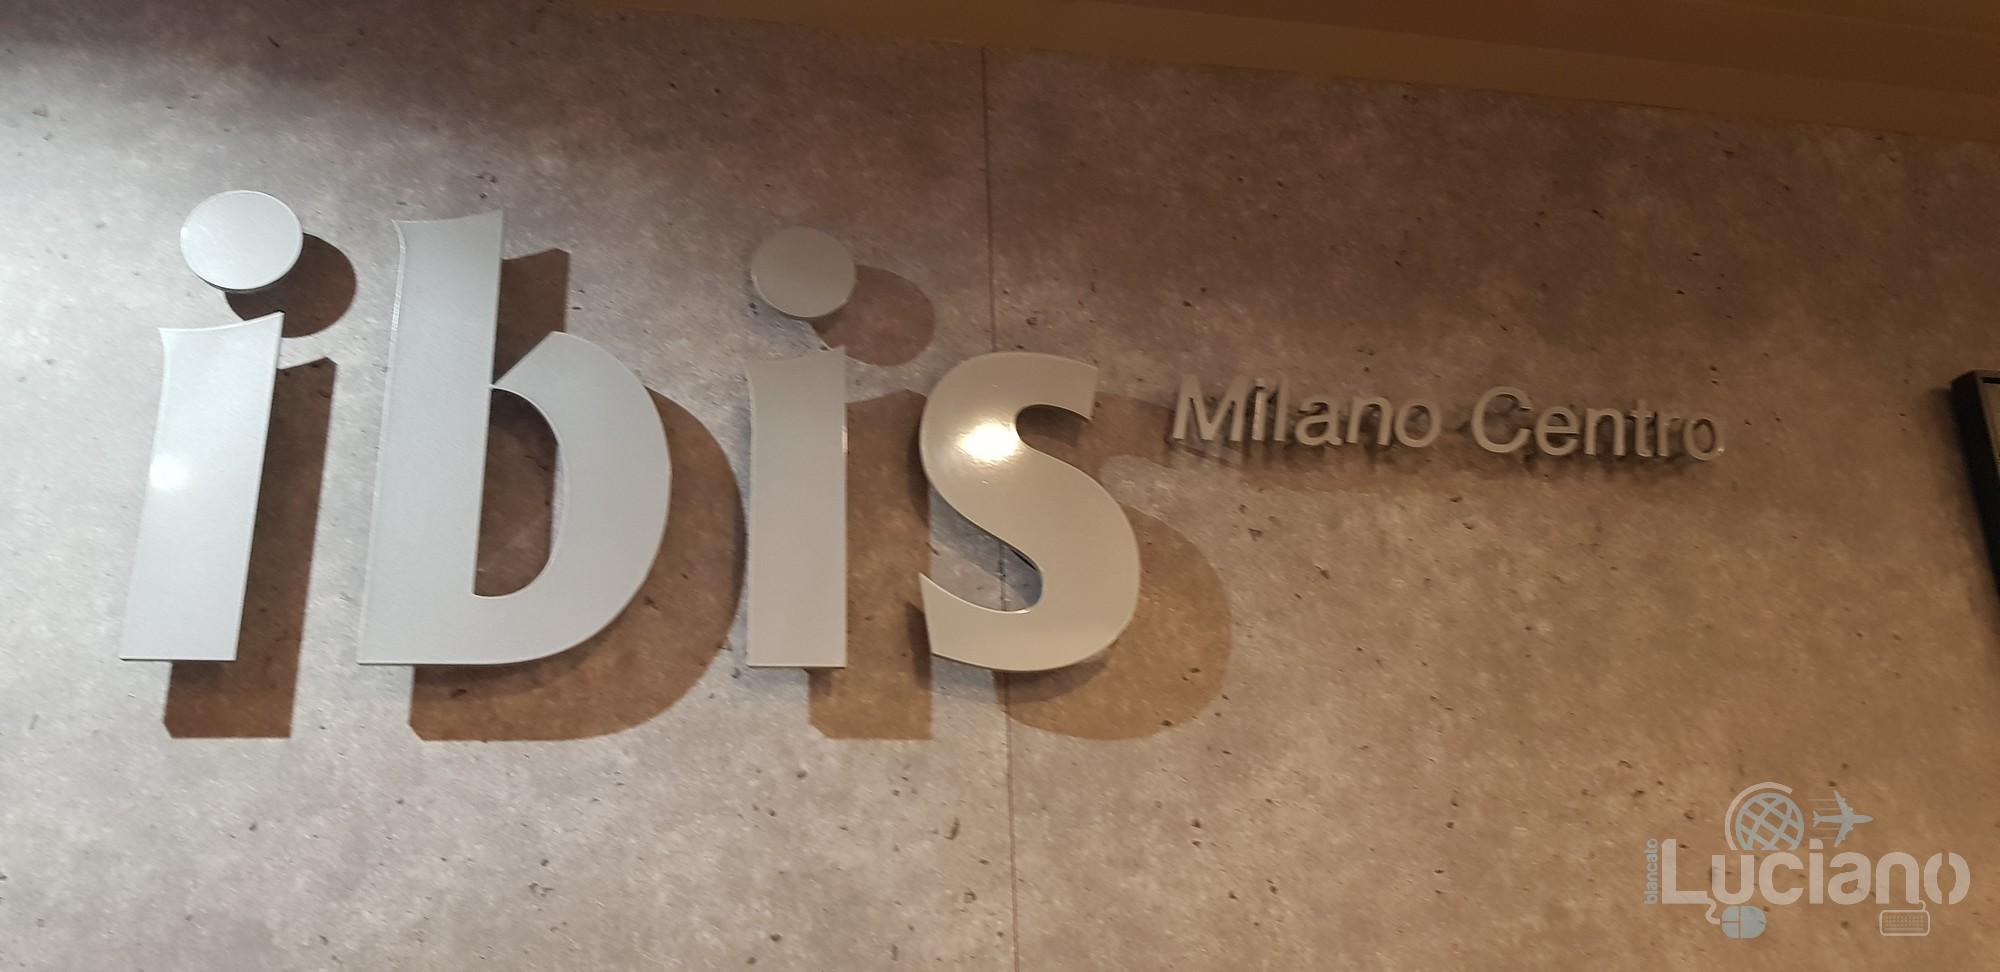 ibis-milano-bistrot-milano-luciano-blancato (46)